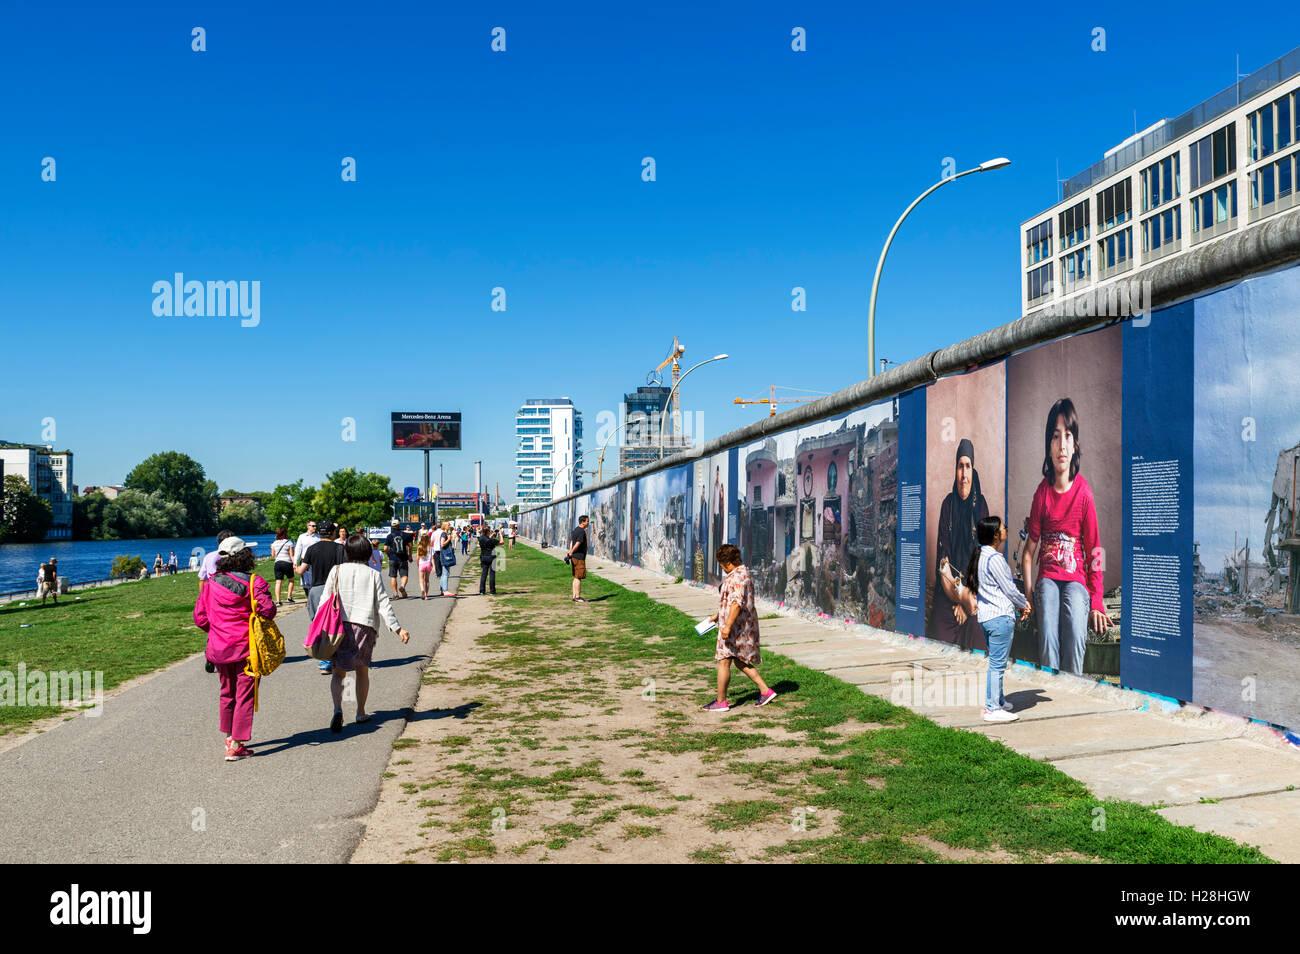 La section du mur de Berlin à l'East Side Gallery, Friedrichshain-Kreuzberg, Berlin, Allemagne Photo Stock